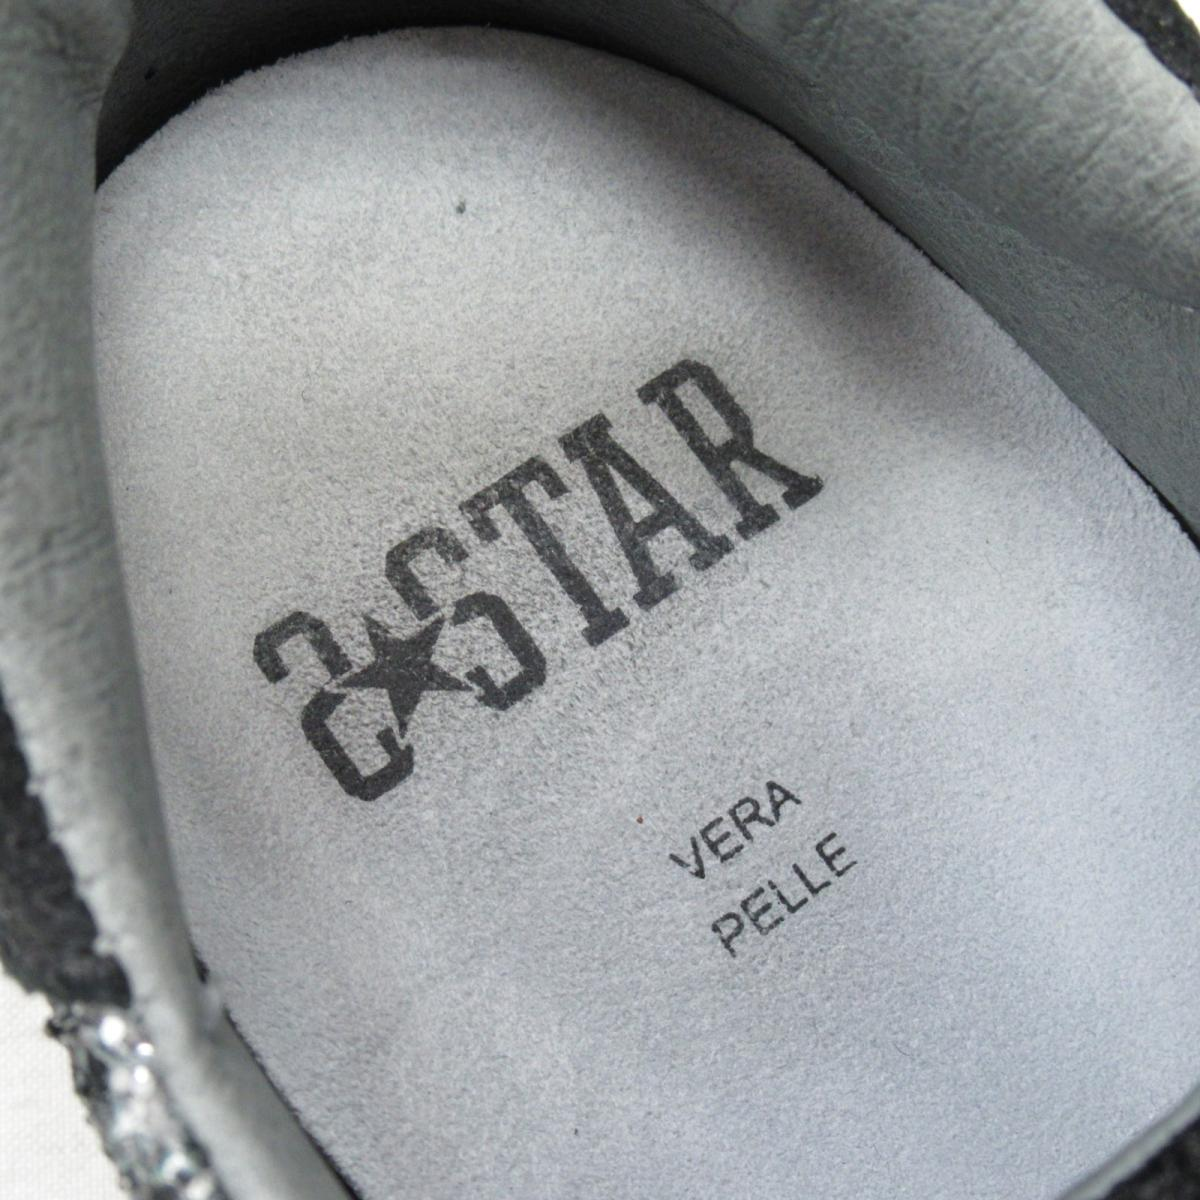 セレクション 2 STAR スニーカー レディース 牛革カーフブラック x シルバーSELECTION BRANDOFF ブランドオフ ブランド 靴 シューズ クツ0OXnwPk8